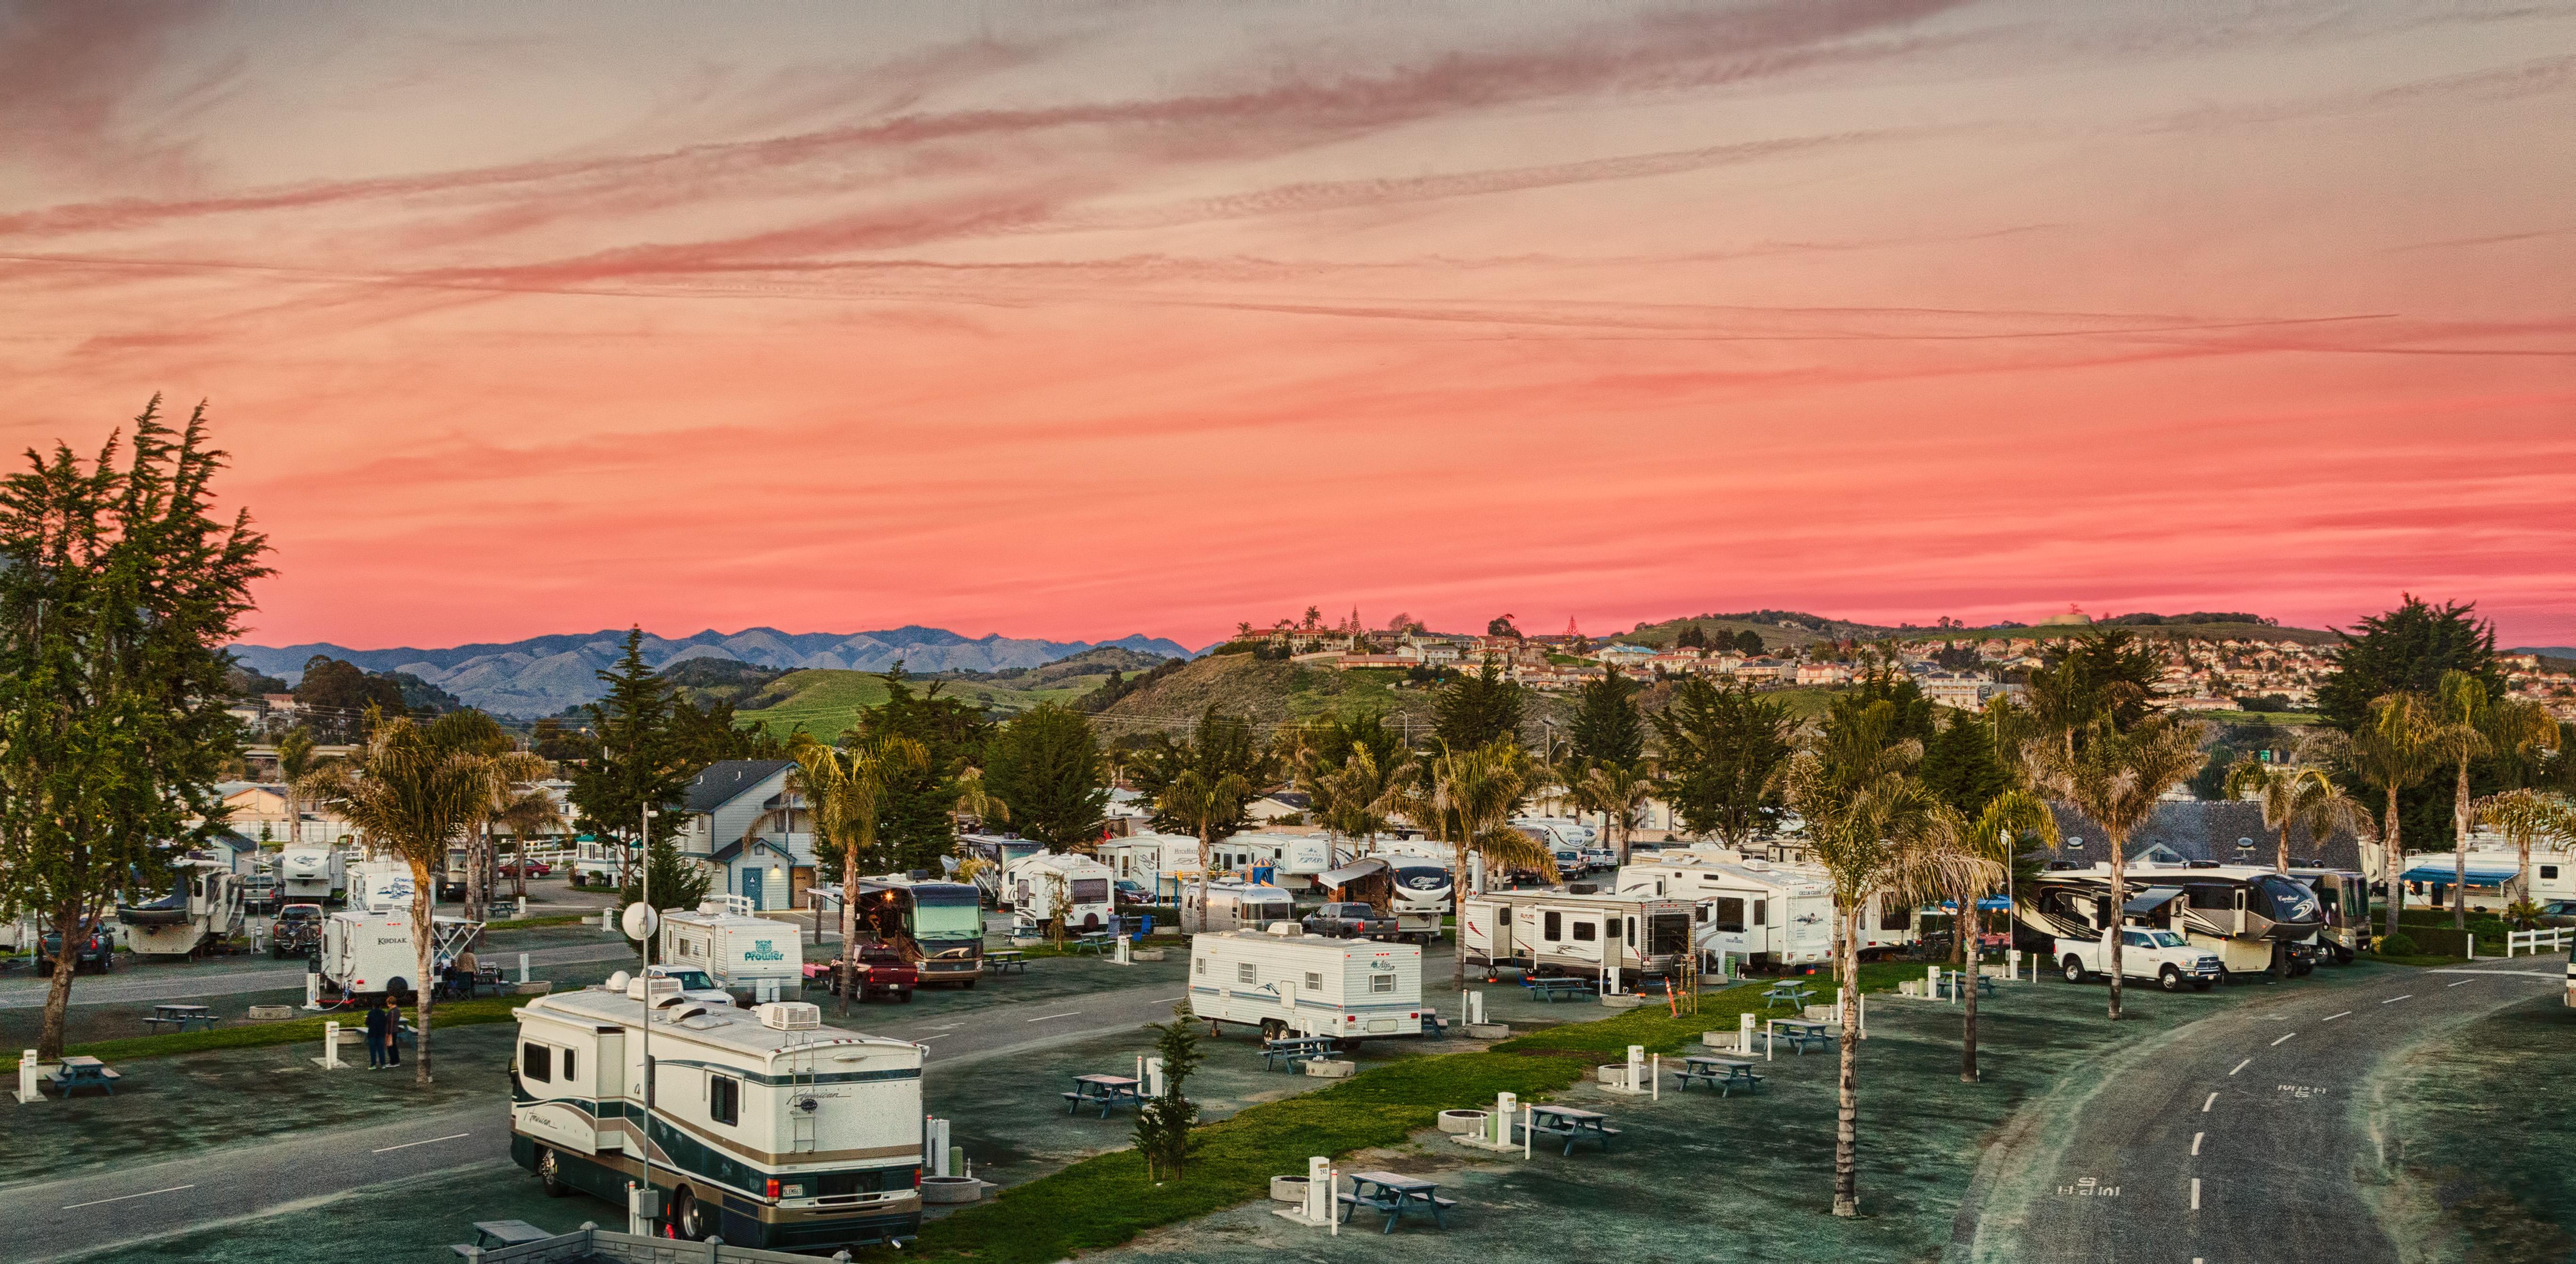 RV park in California